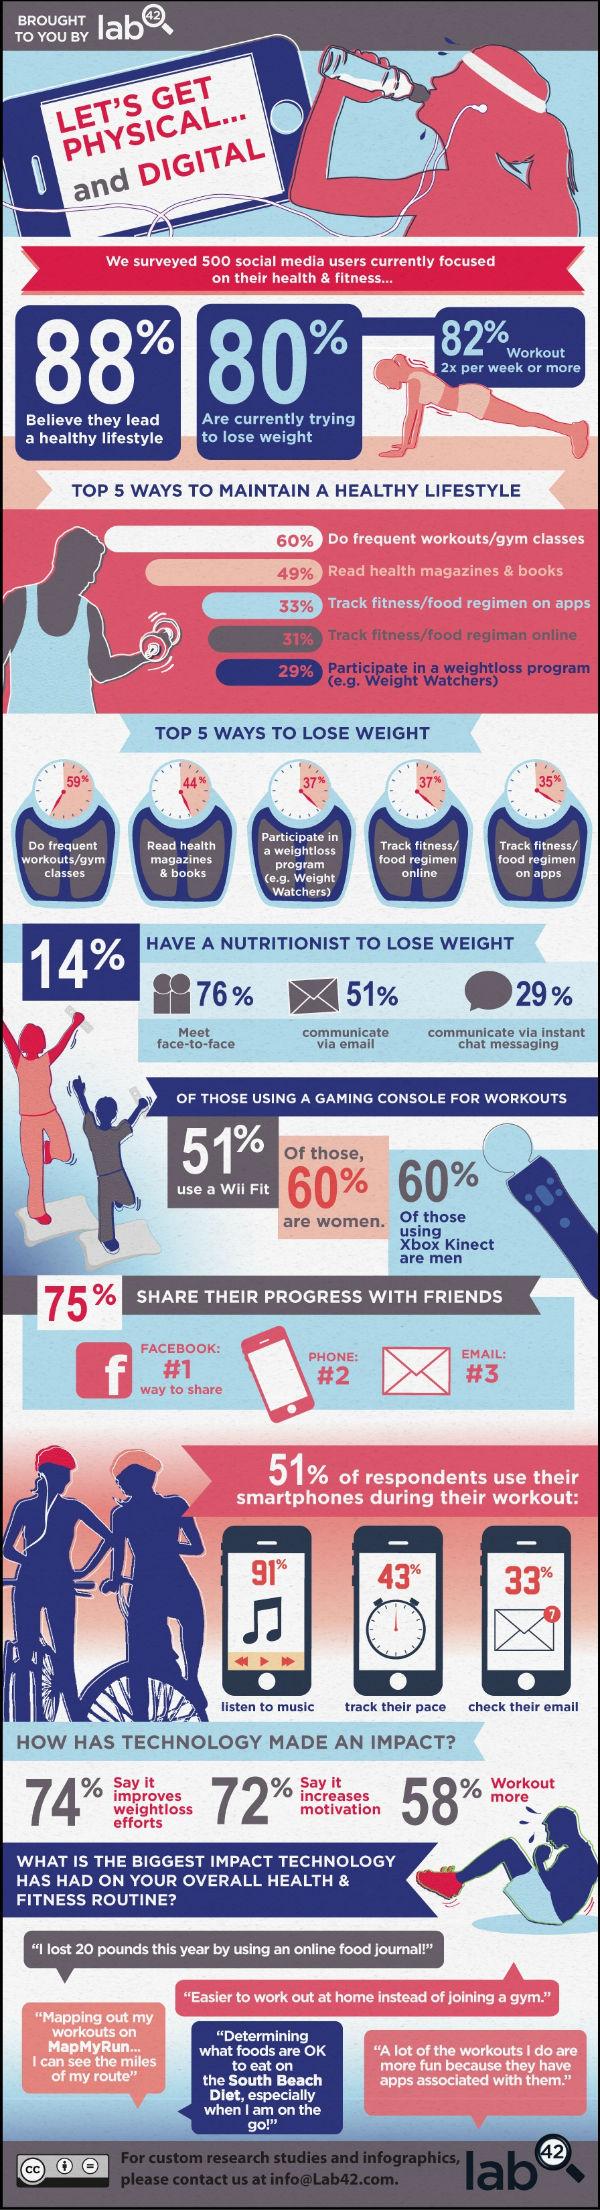 ¿Usas tu smartphone durante el ejercicio o el gimnasio? [Infografía] - Fitness1